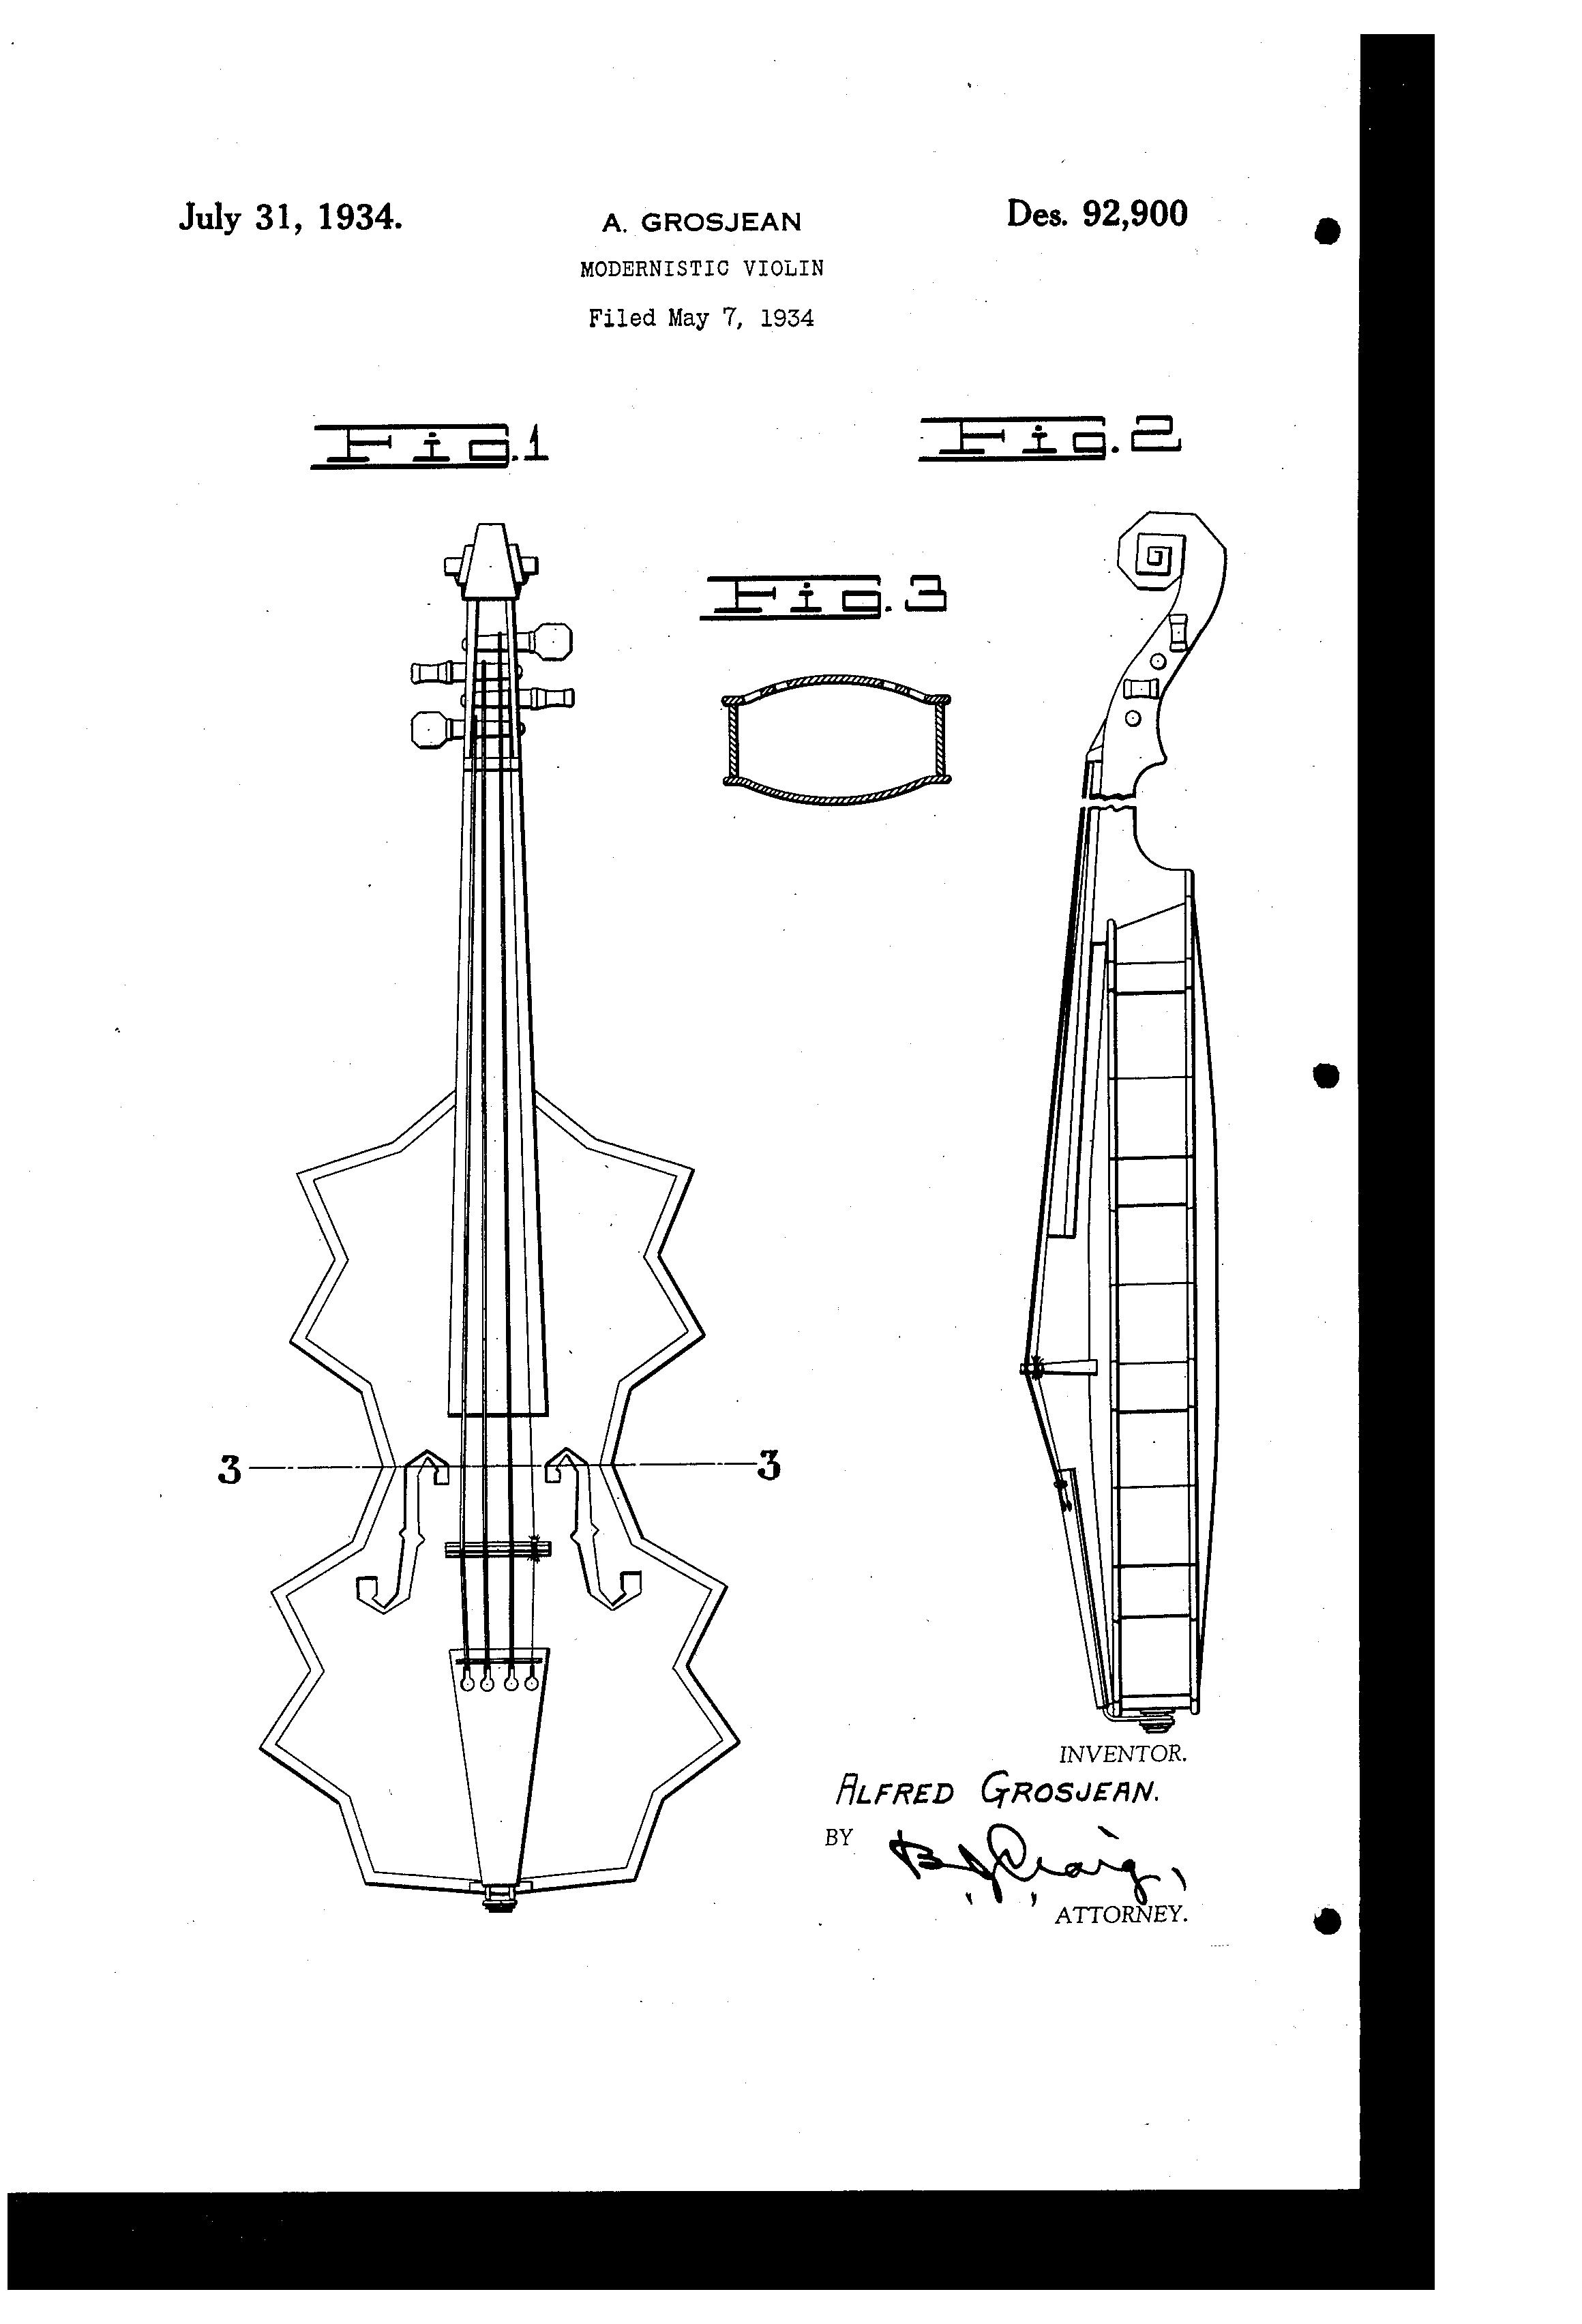 Original 1934 Patent filed by Alfred Grosjean